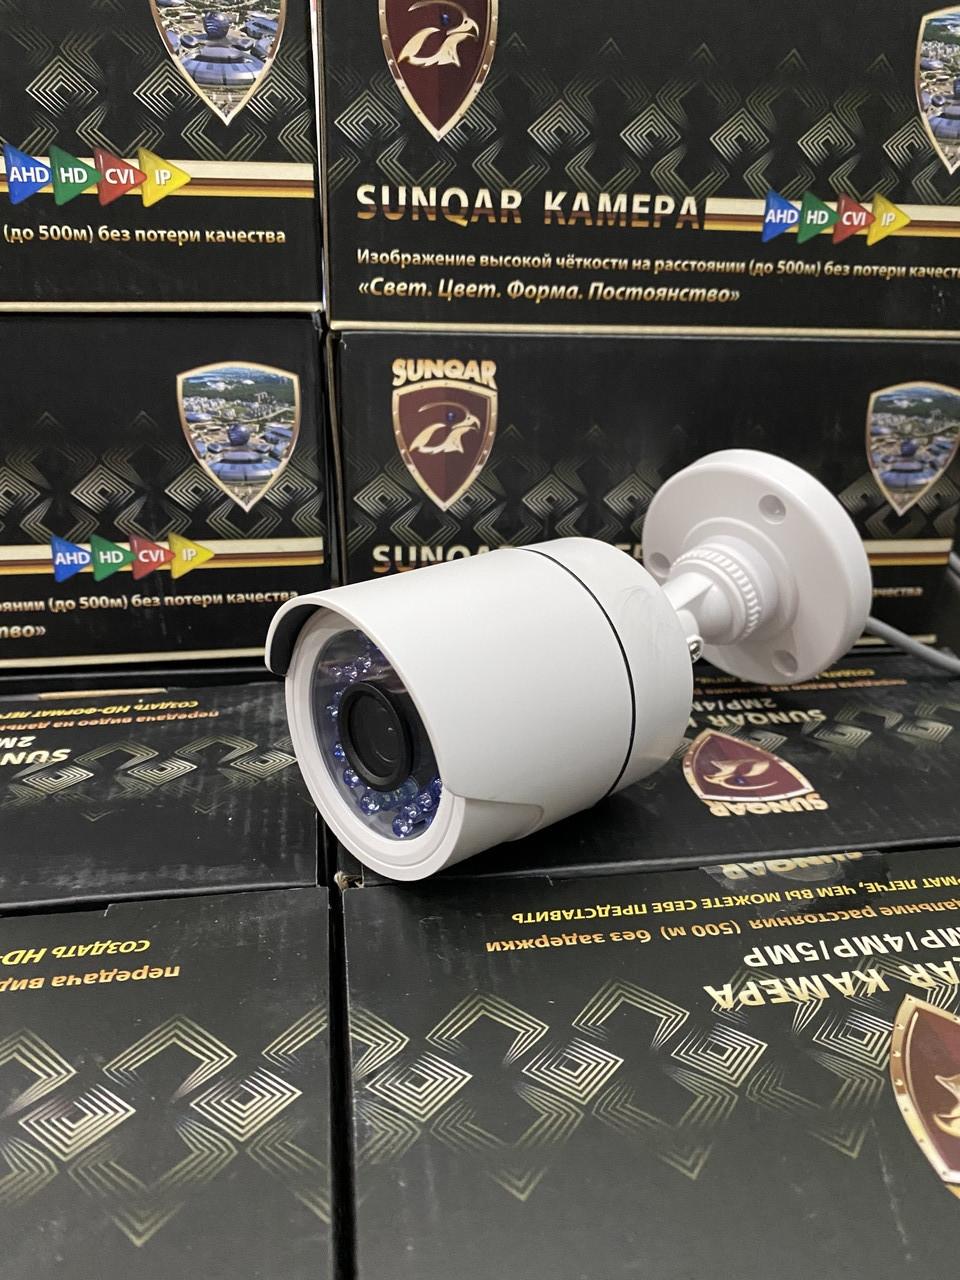 Уличная камера АНD камера